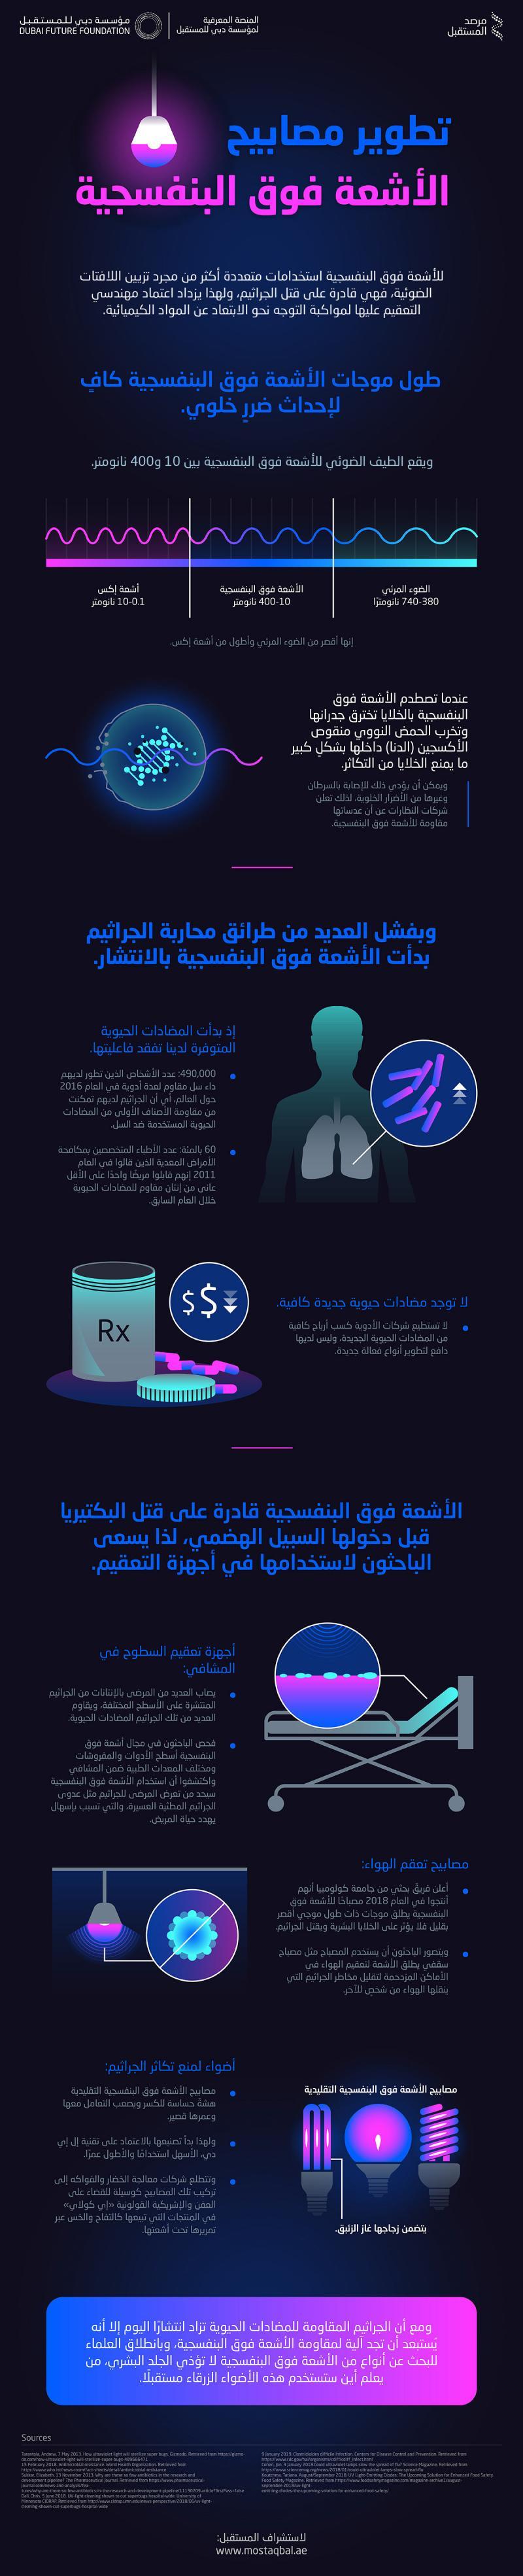 تطوير مصابيح الأشعة فوق البنفسجية #انفوجرافيك #انفوجرافيك_عربي